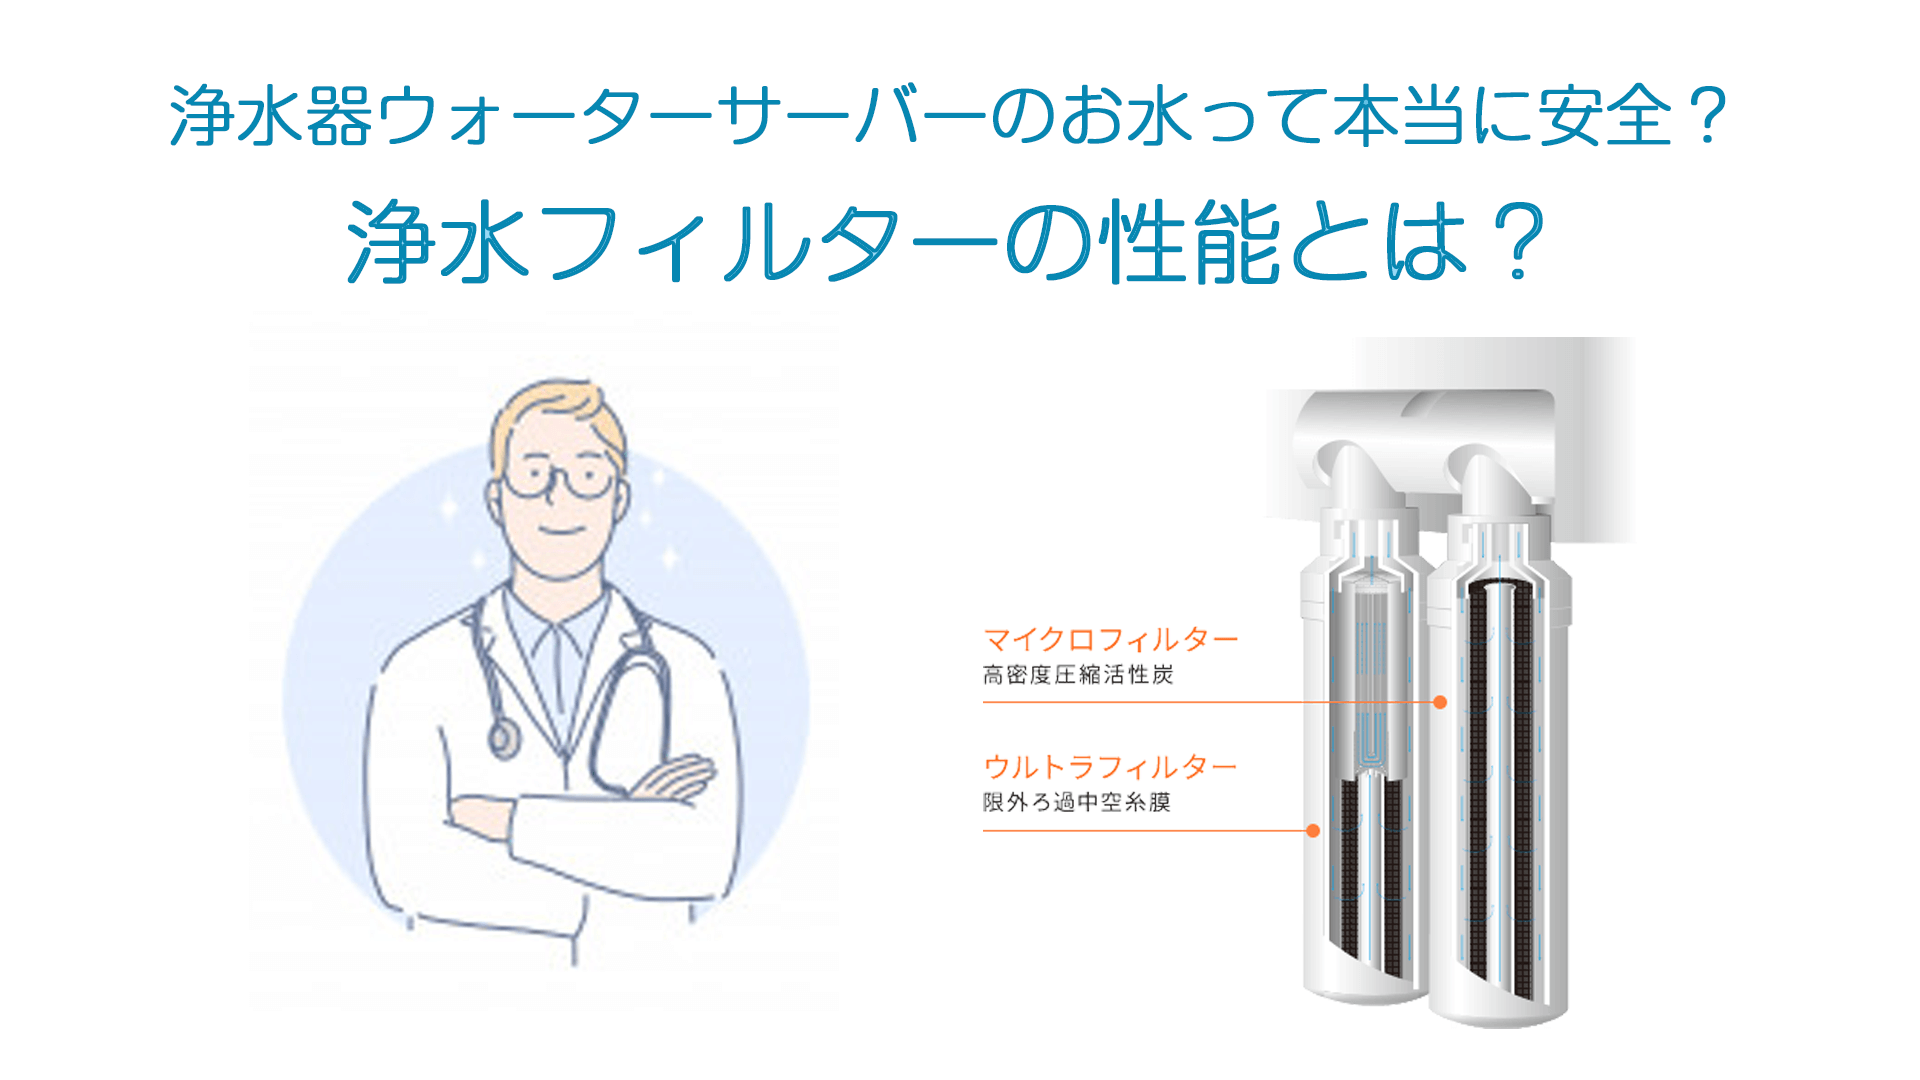 浄水器ウォーターサーバーのお水って本当に安全?浄水フィルターの性能とは?浄水器ウォーターサーバーのお水って本当に安全?浄水フィルターの性能とは?